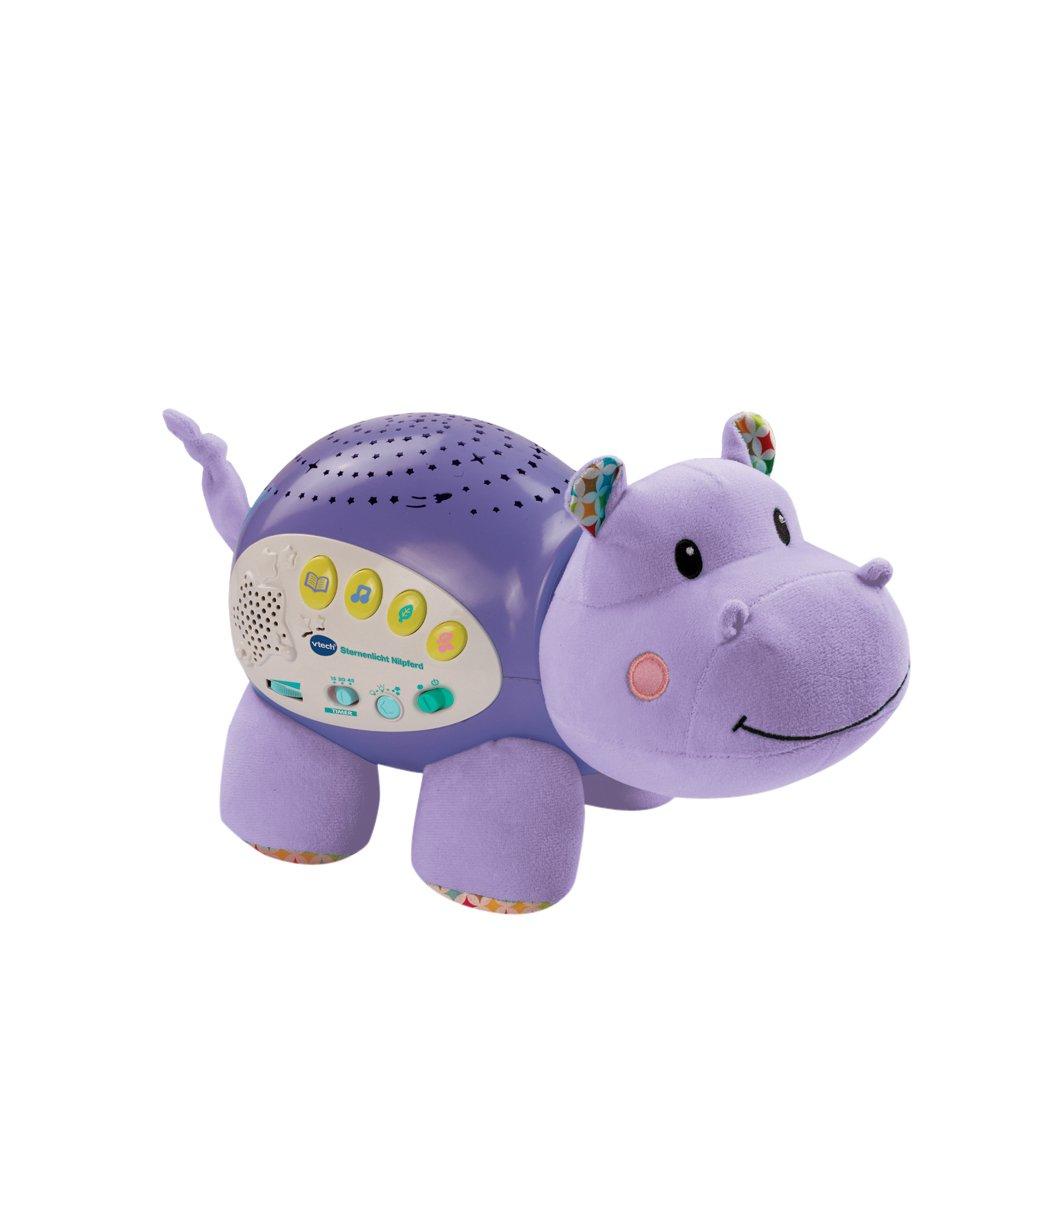 VTech Baby 80-180904 – Spieluhr – Sternenlicht Nilpferd günstig als Geschenk kaufen